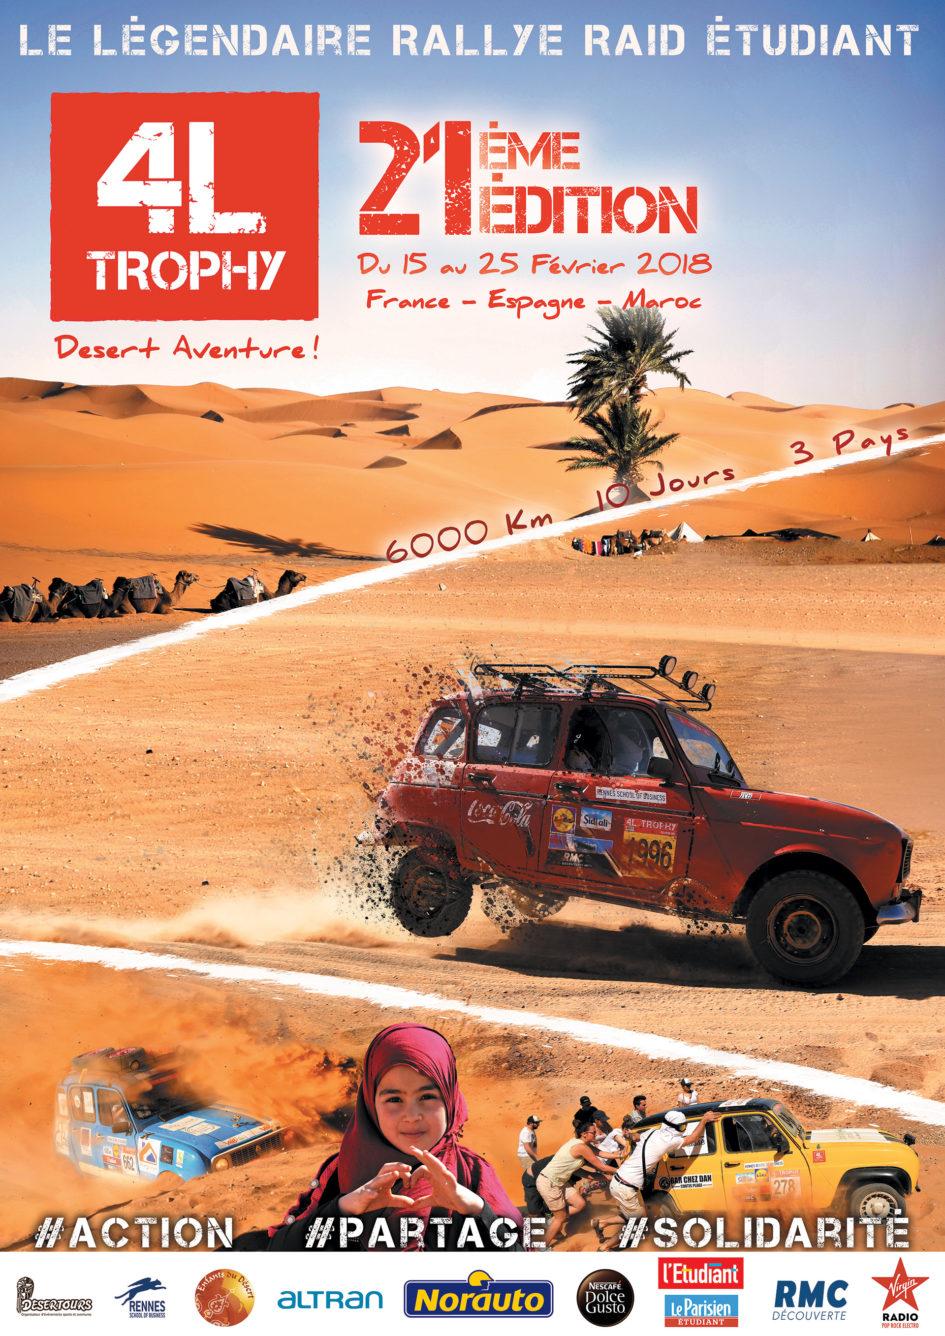 Rallye 4 l trophy 2018